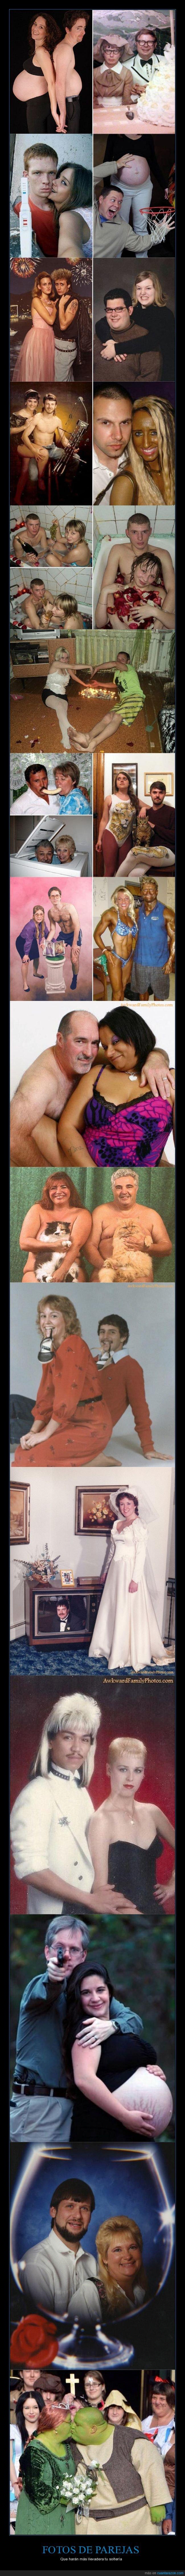 fotos,parejas,wtf